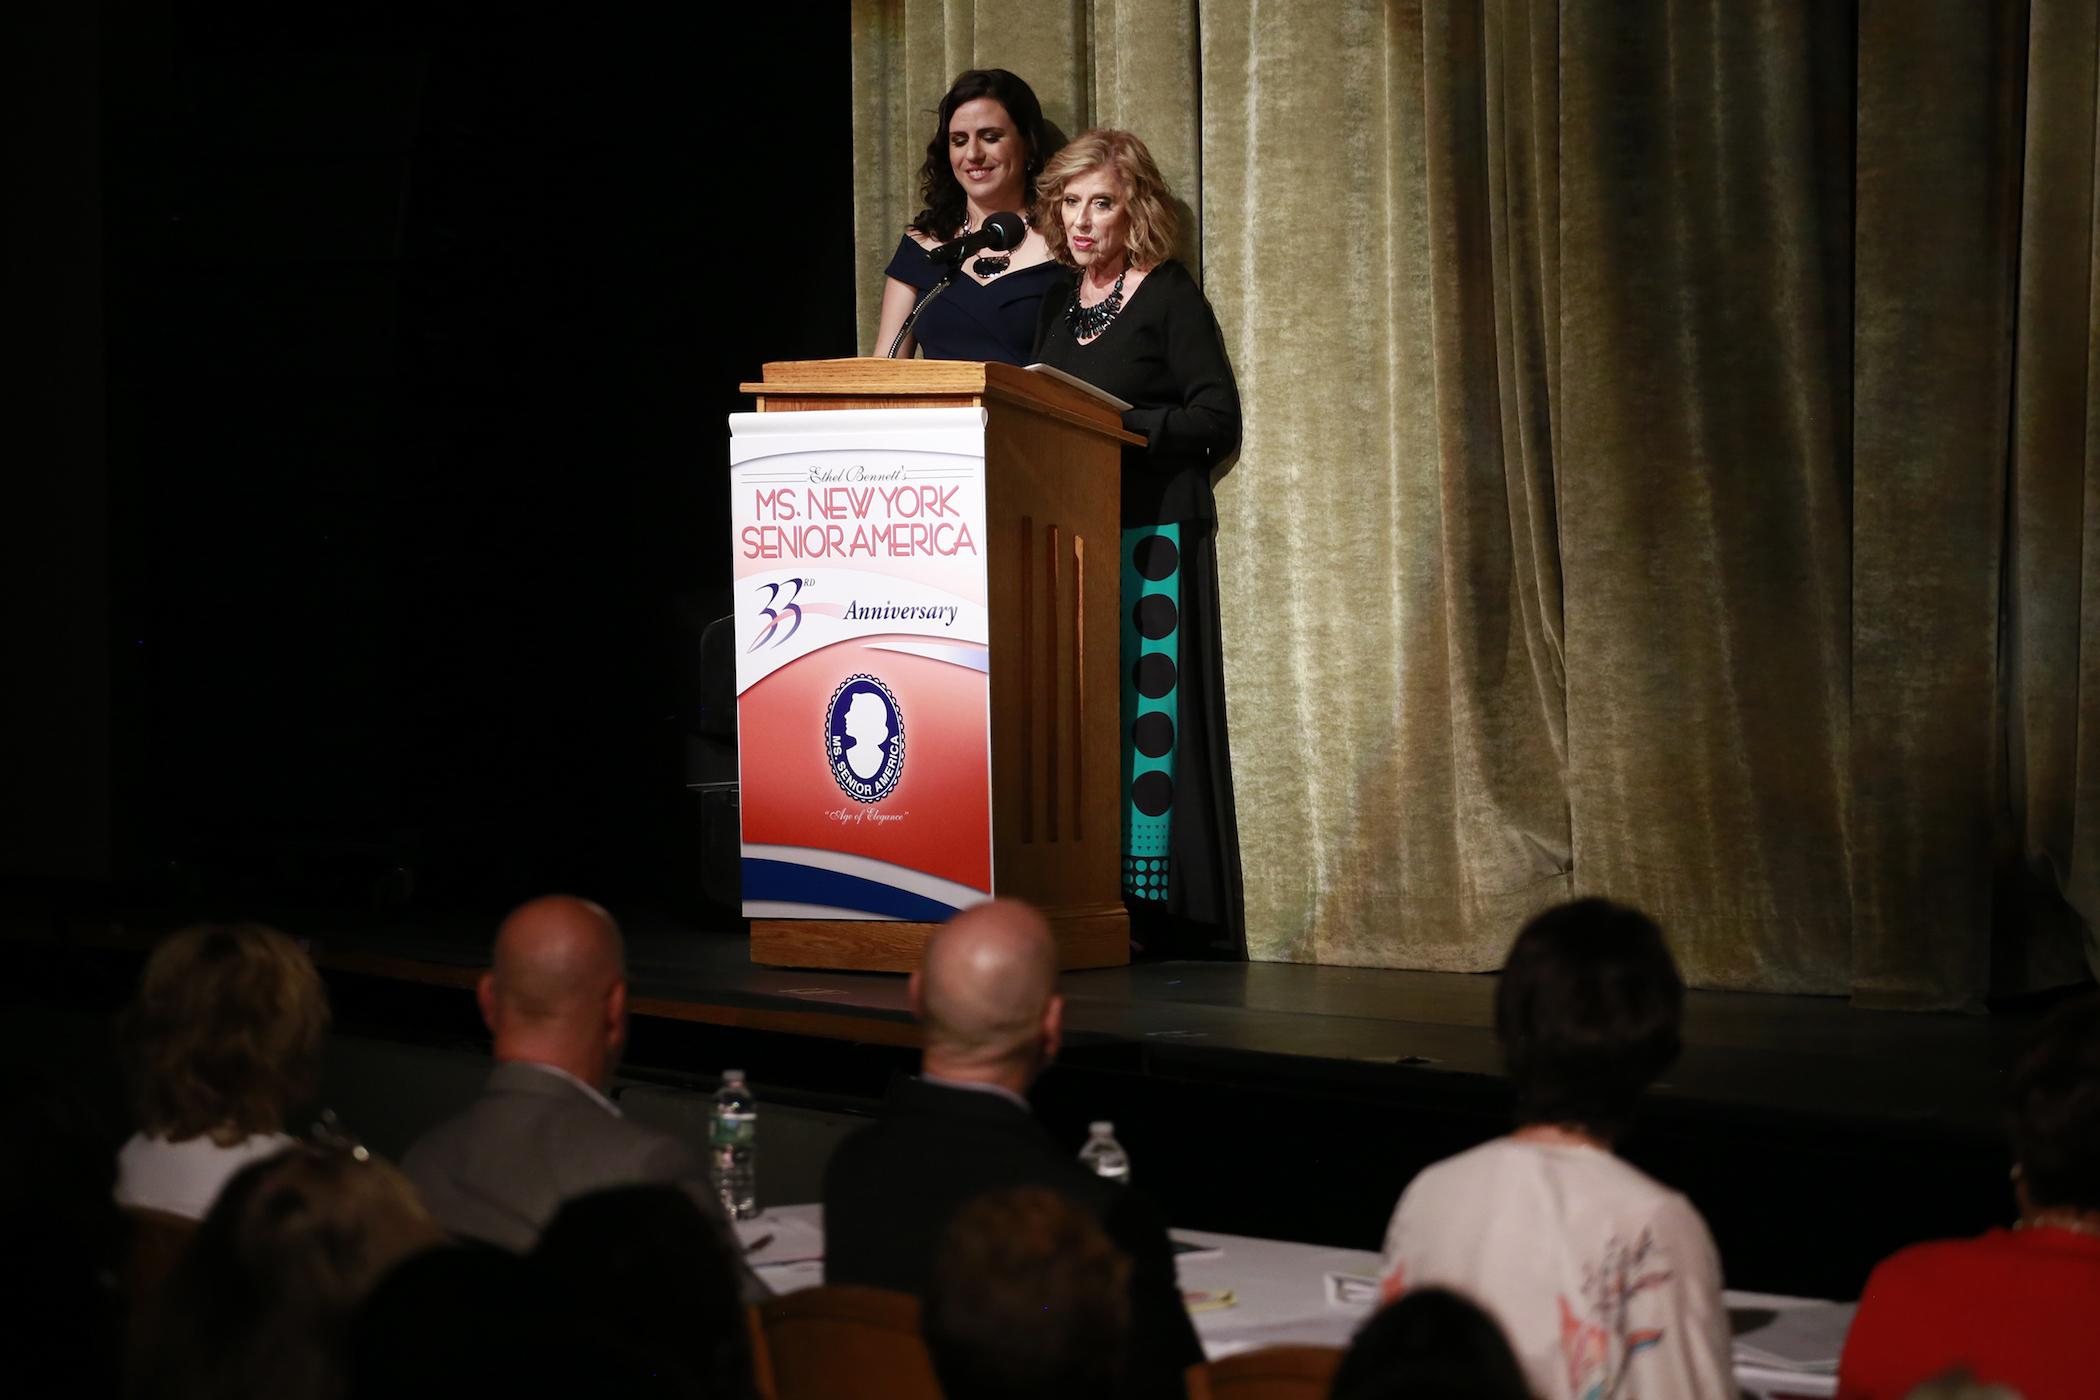 Marleen podium